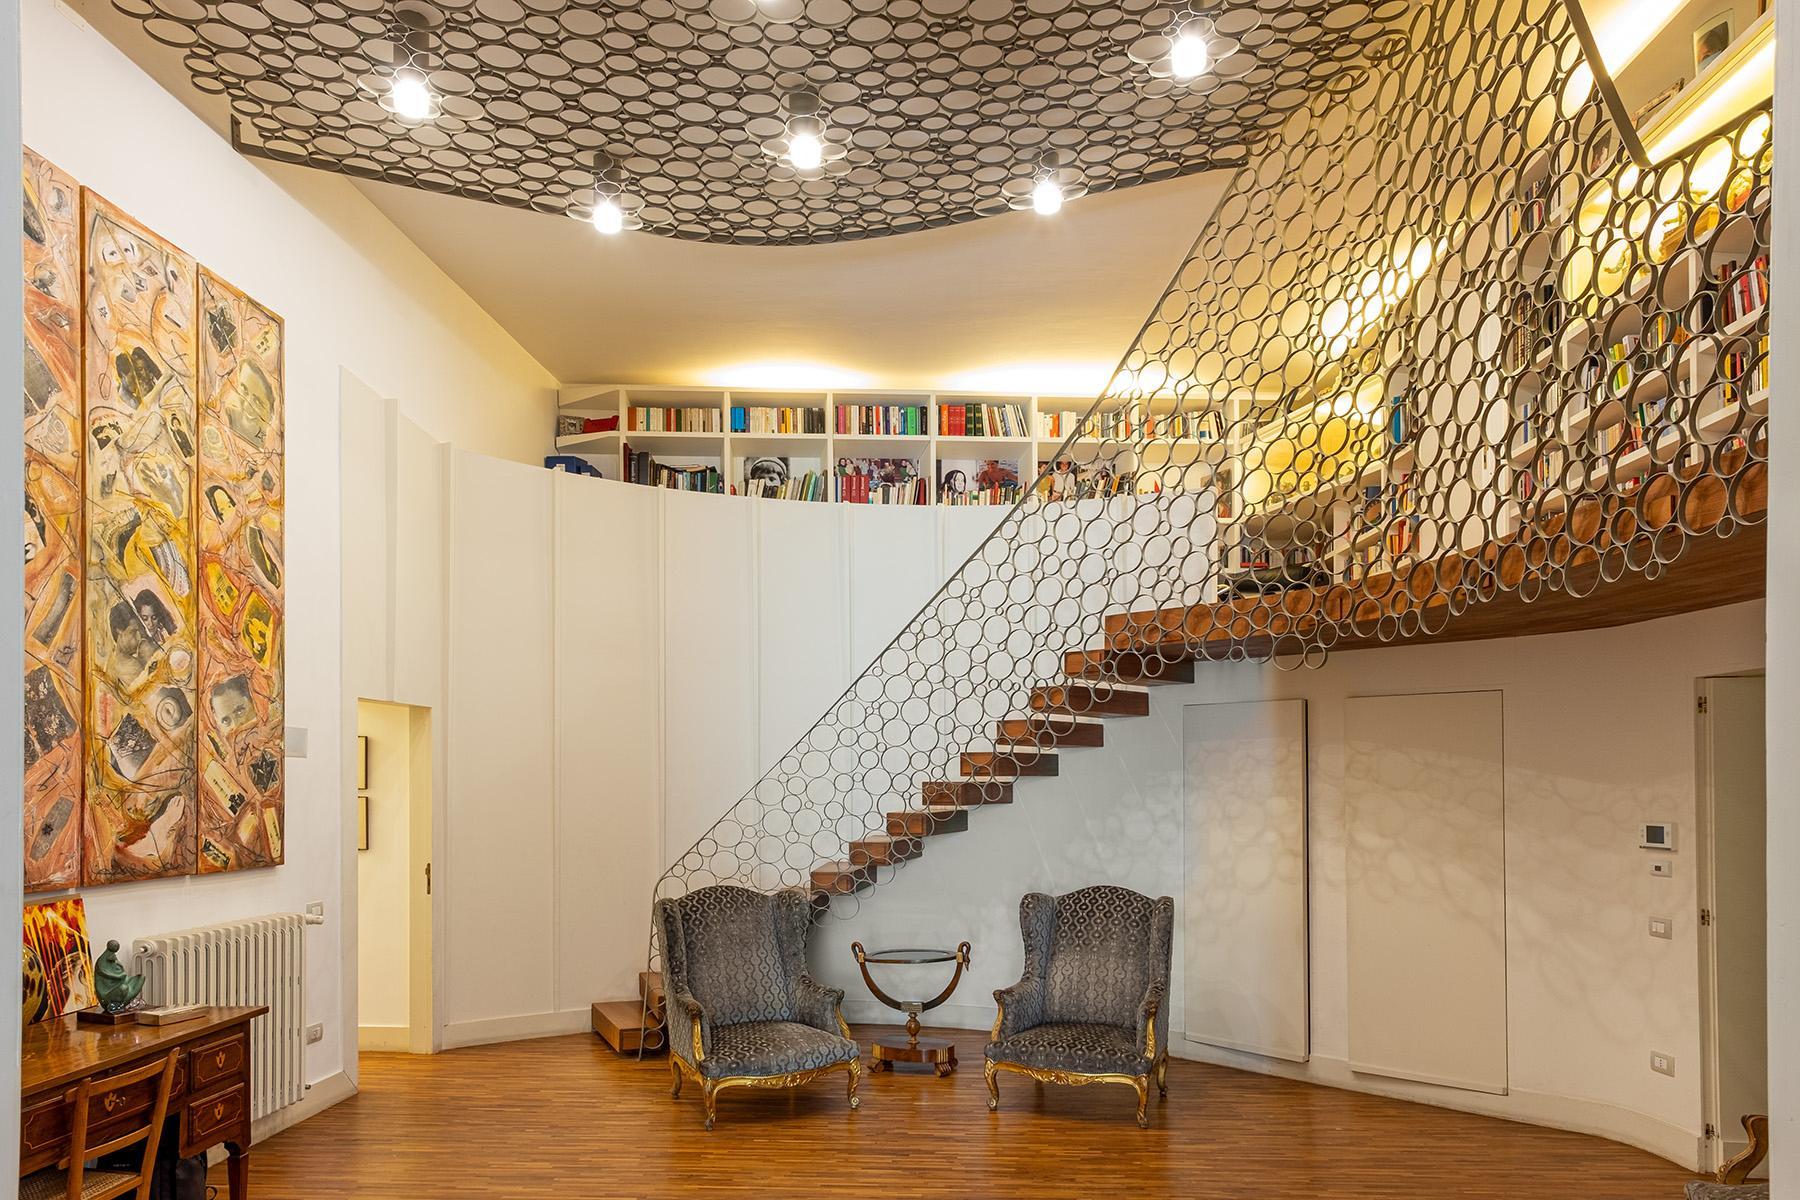 Eklekltische Design-Wohnung mit Terrassen im historischen Palast - 1